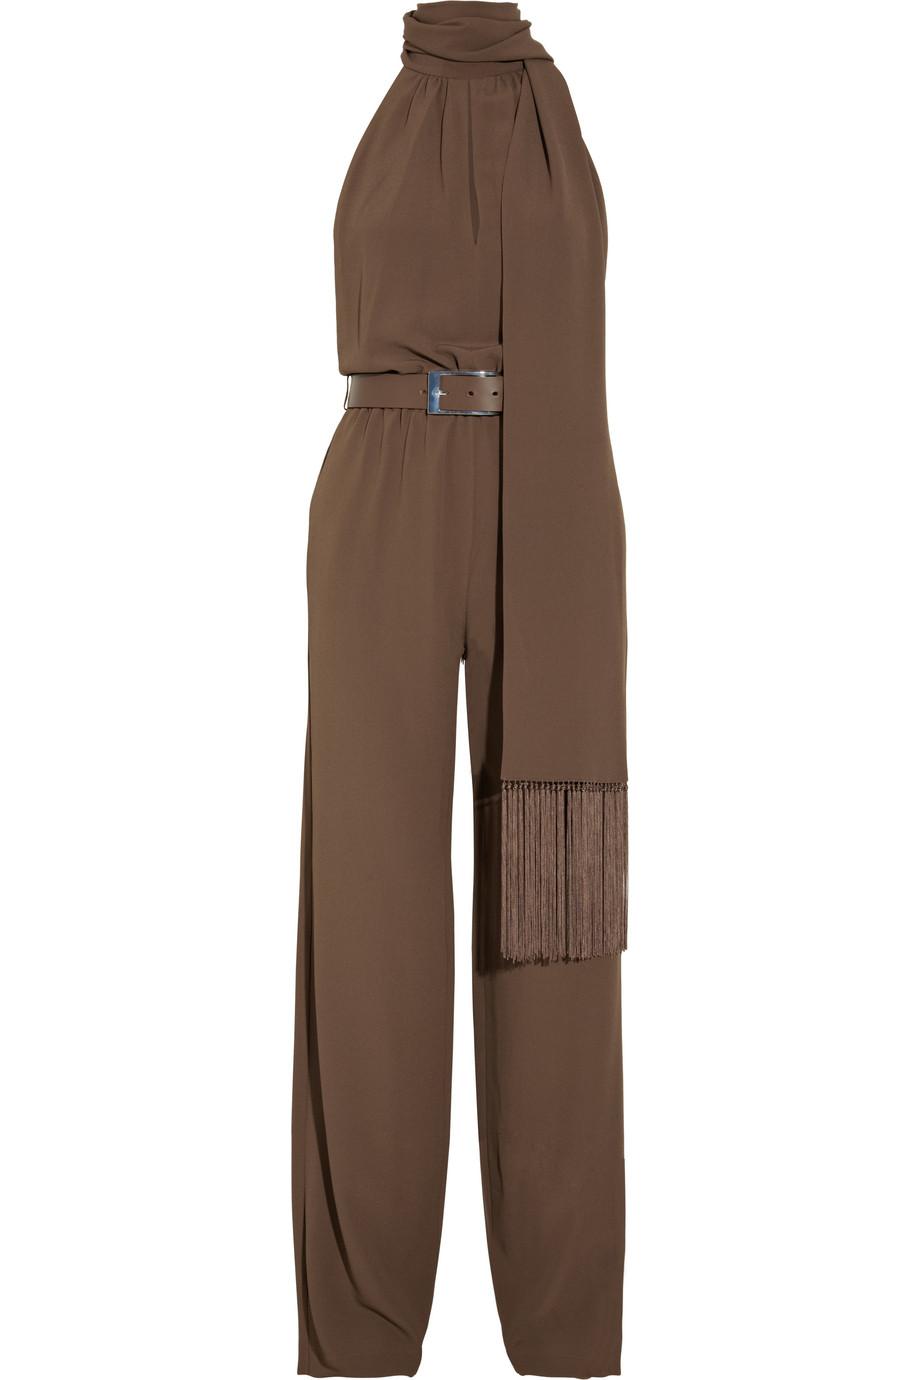 michael kors belted silk blend crepe jumpsuit in brown cocoa lyst. Black Bedroom Furniture Sets. Home Design Ideas